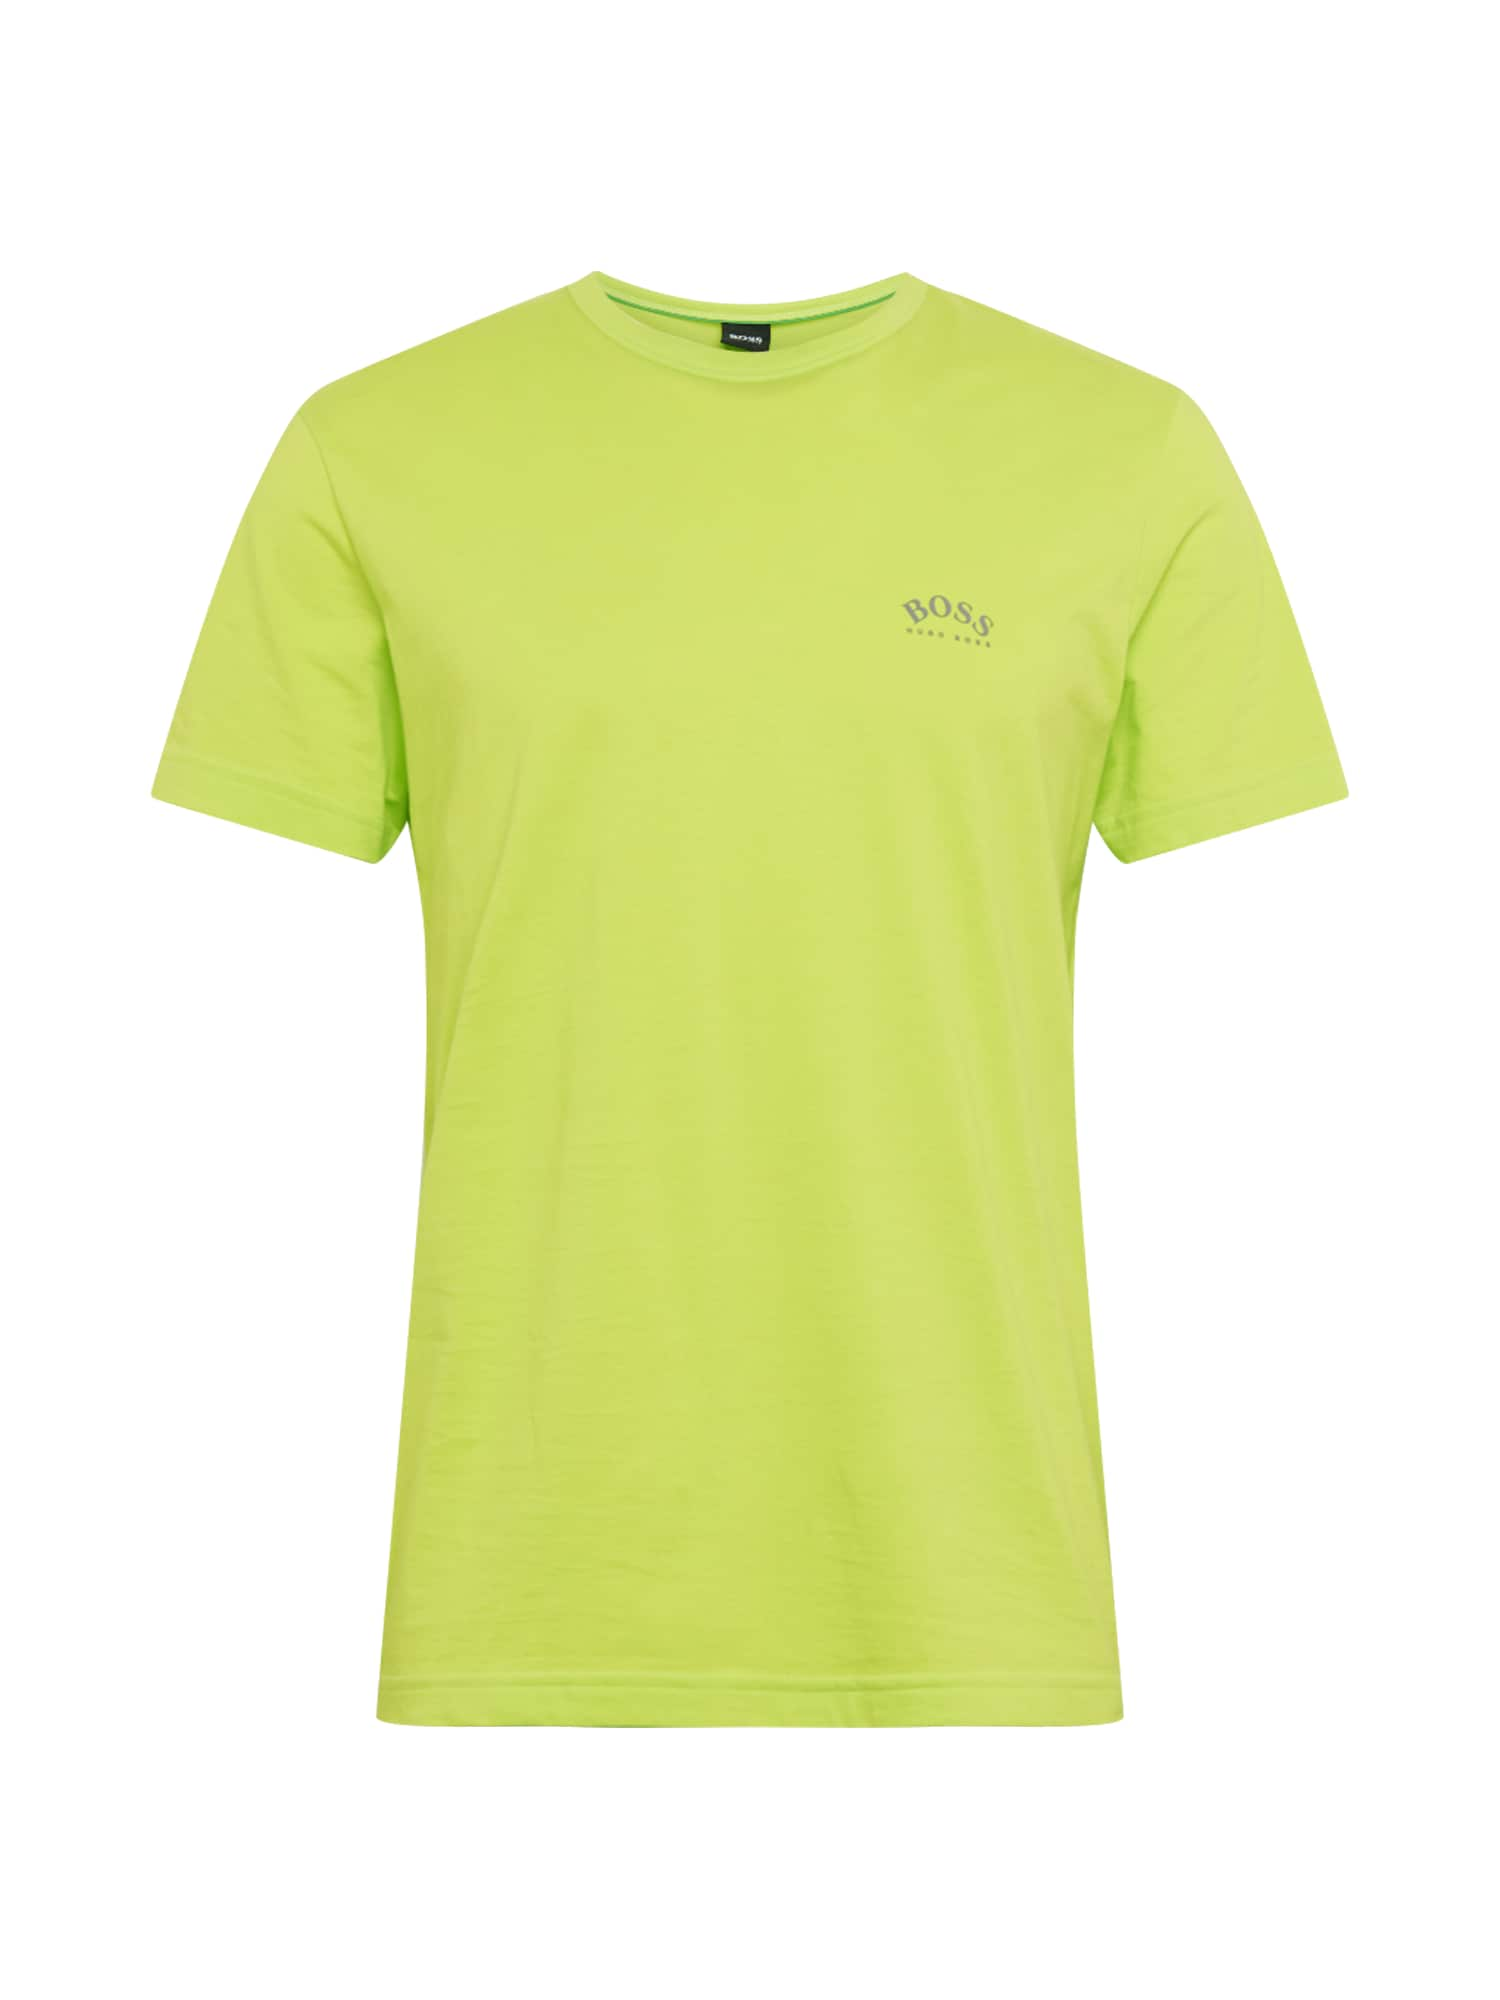 BOSS ATHLEISURE Marškinėliai neoninė žalia